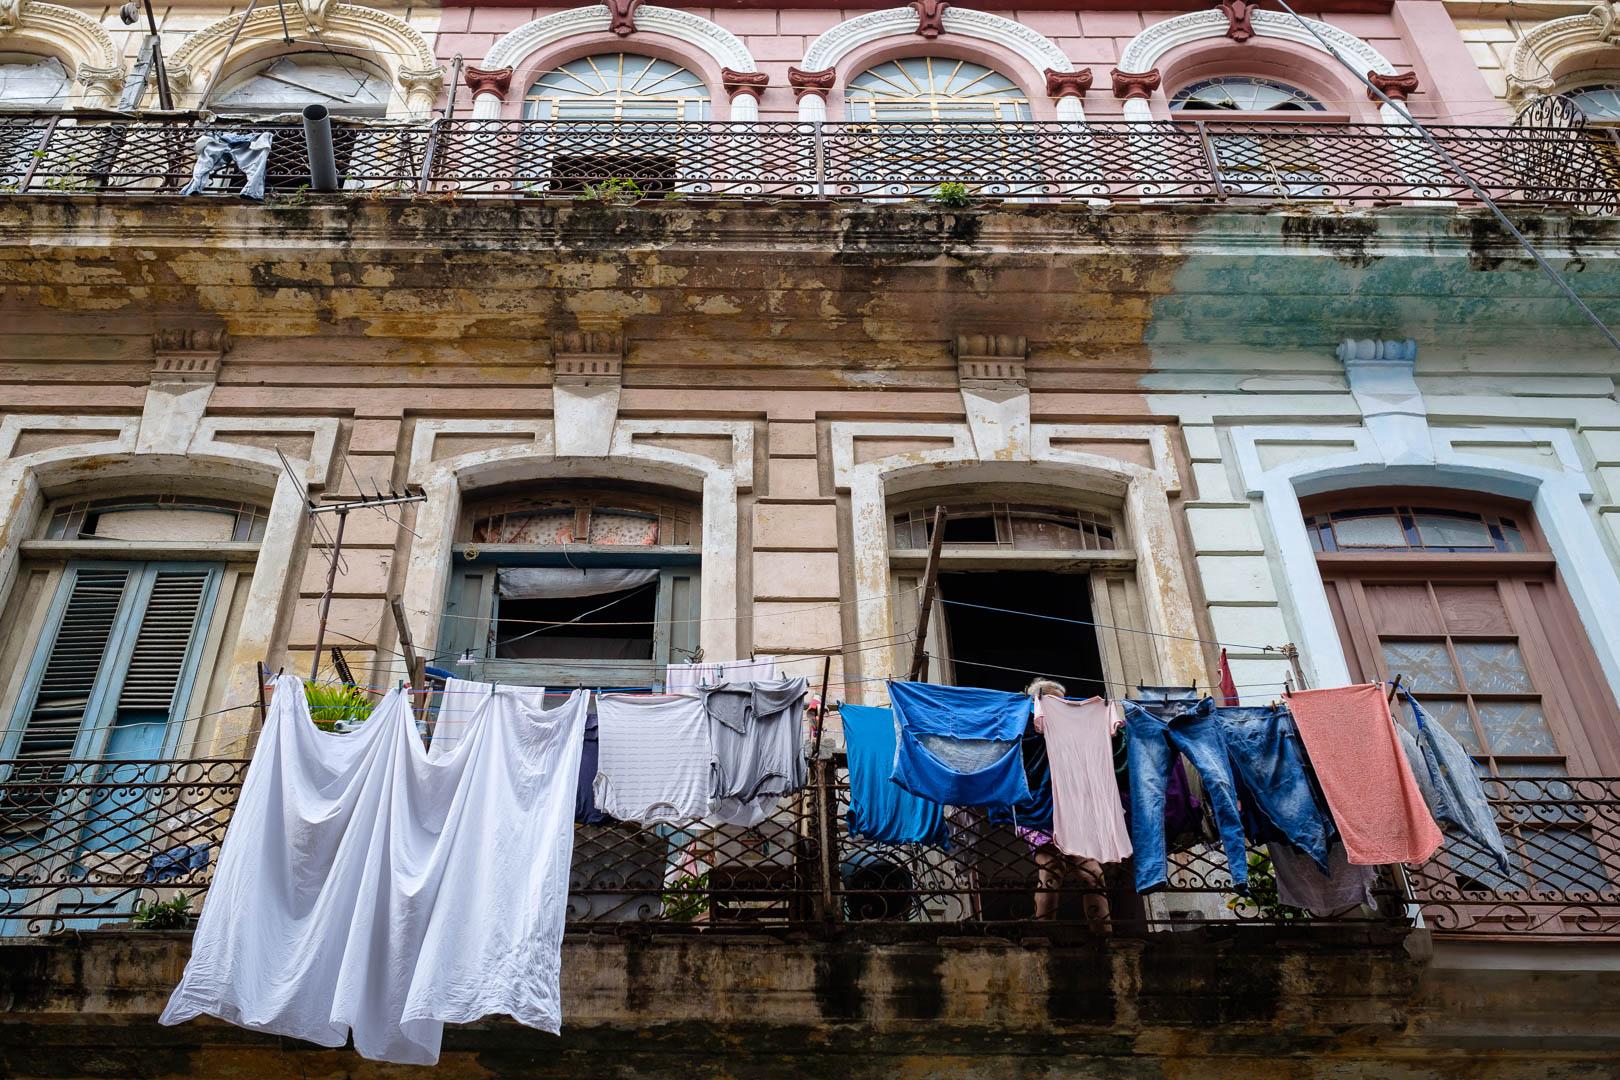 180426-Havana-20-1080.jpg